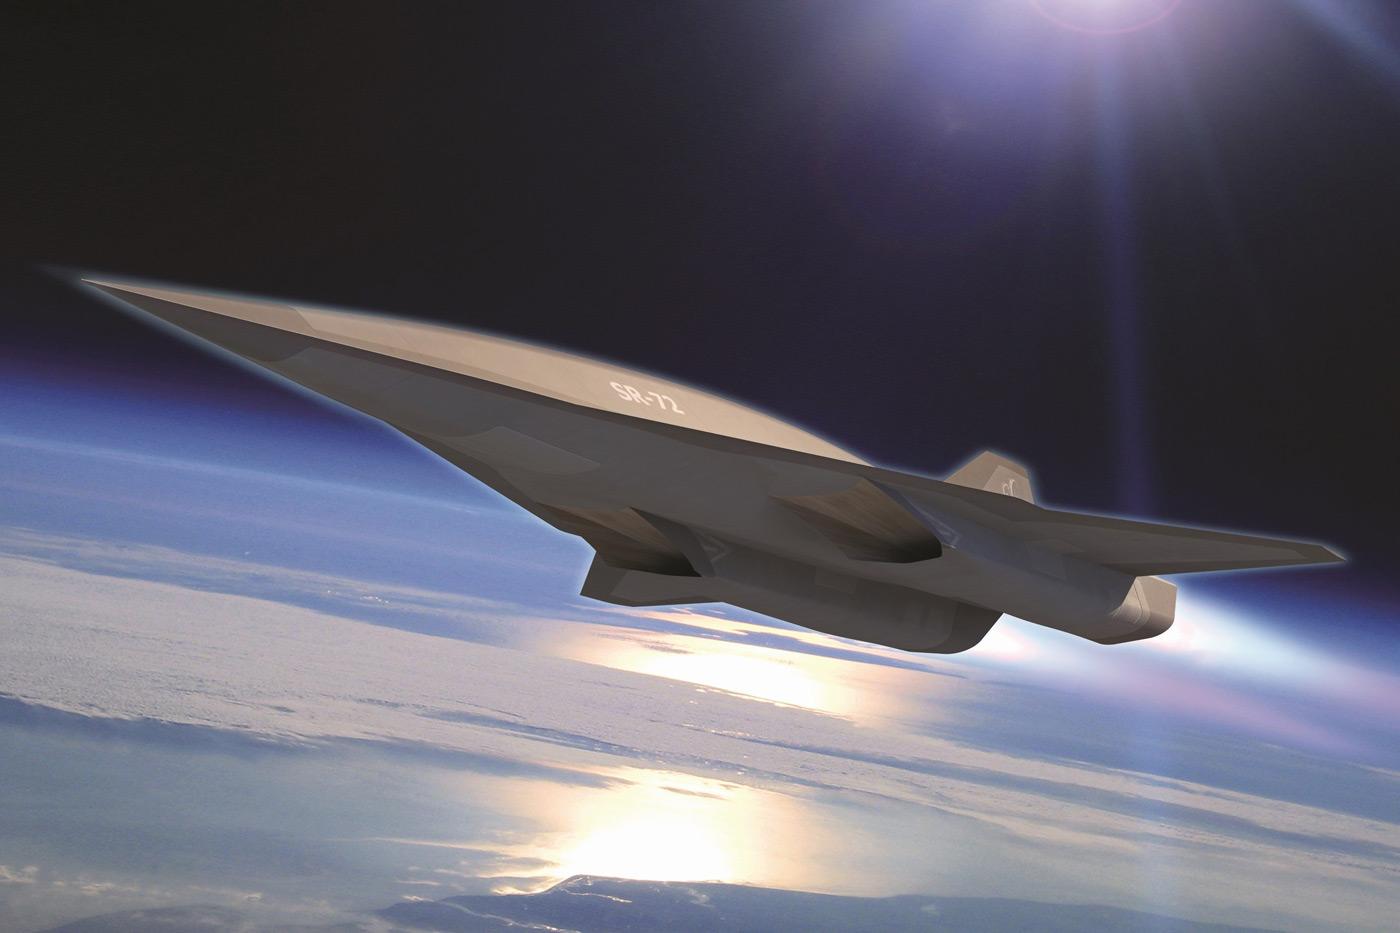 洛馬在極音速飛機領域取得進展,最快 2018 年可以試飛示範機